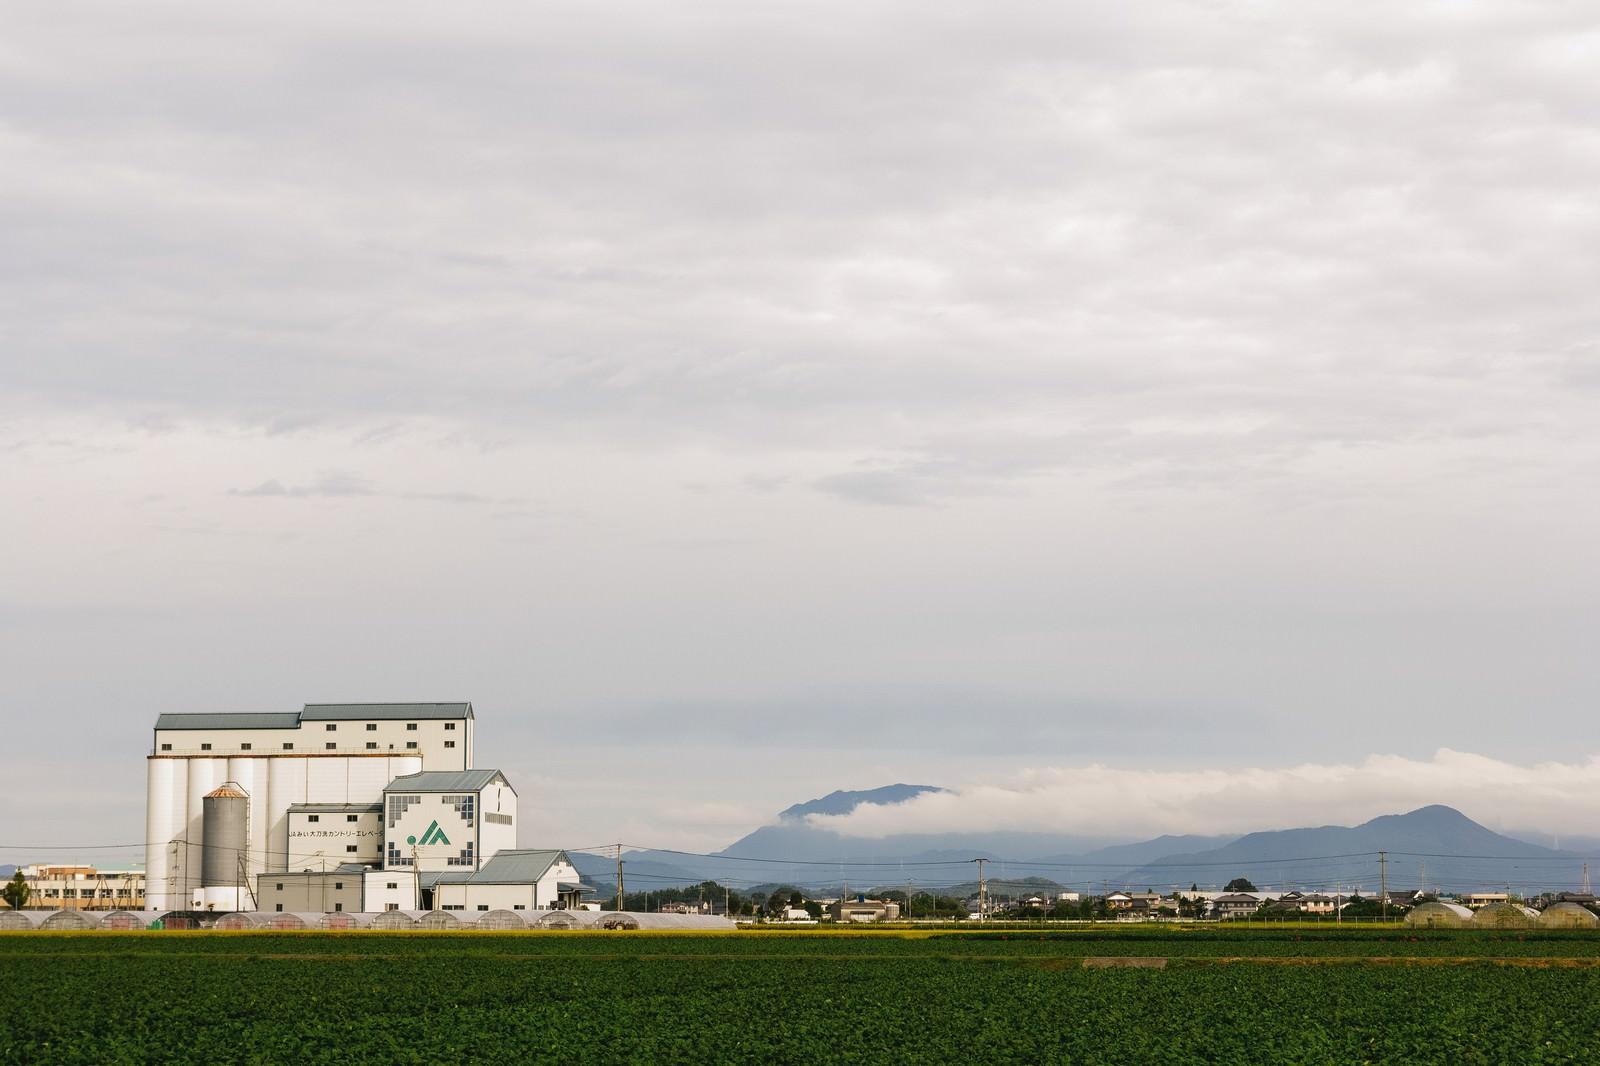 「大刀洗町のJA施設と広がる農地大刀洗町のJA施設と広がる農地」のフリー写真素材を拡大